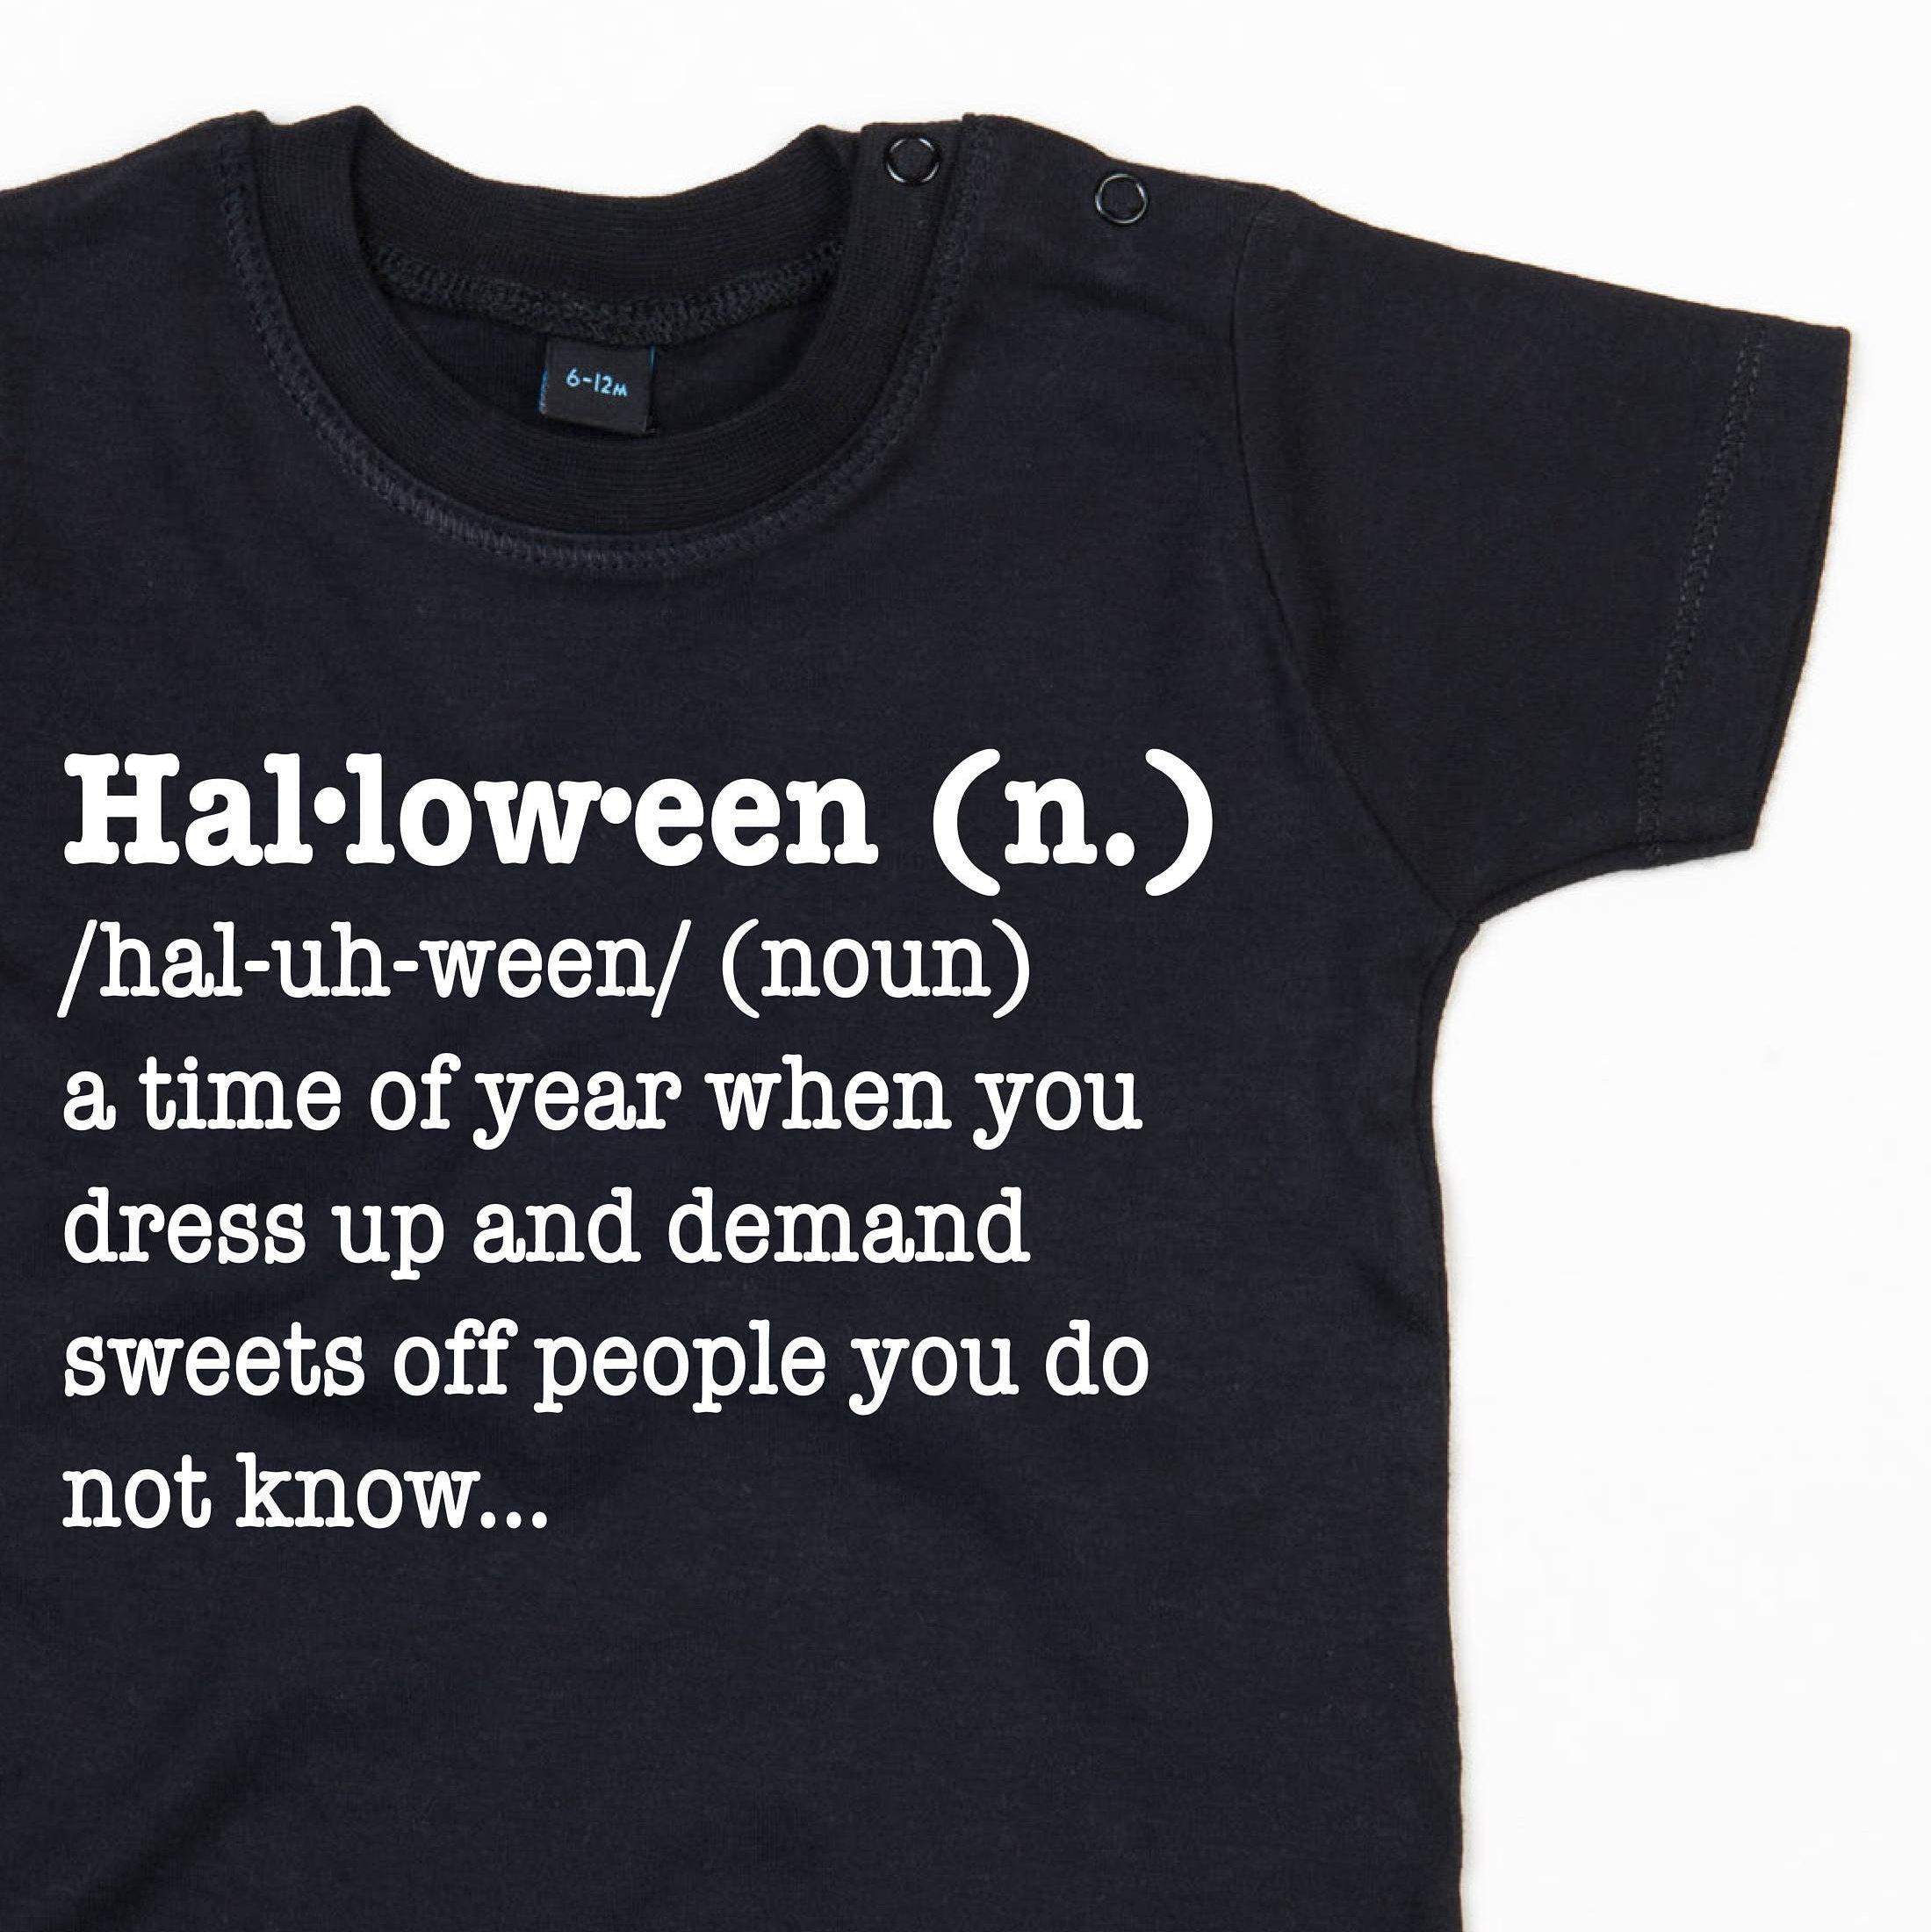 Halloween Definition T Shirt|Halloween T Shirt|Halloween Shirt ...